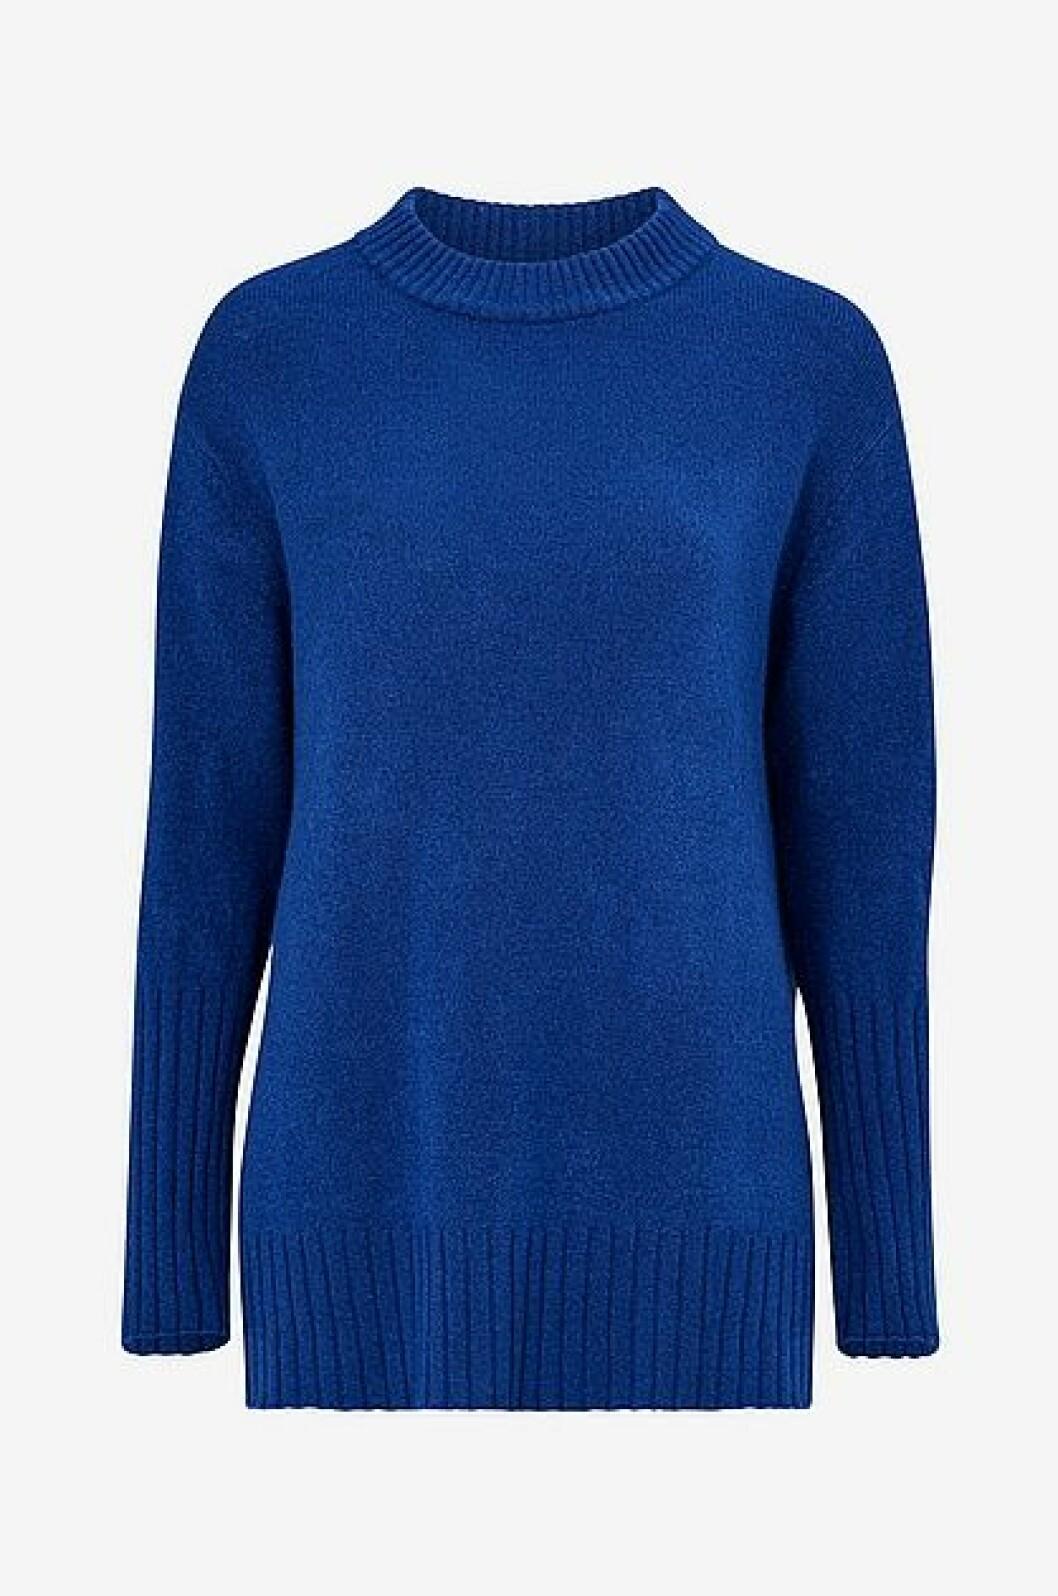 Blå stickad tröja från Ellos